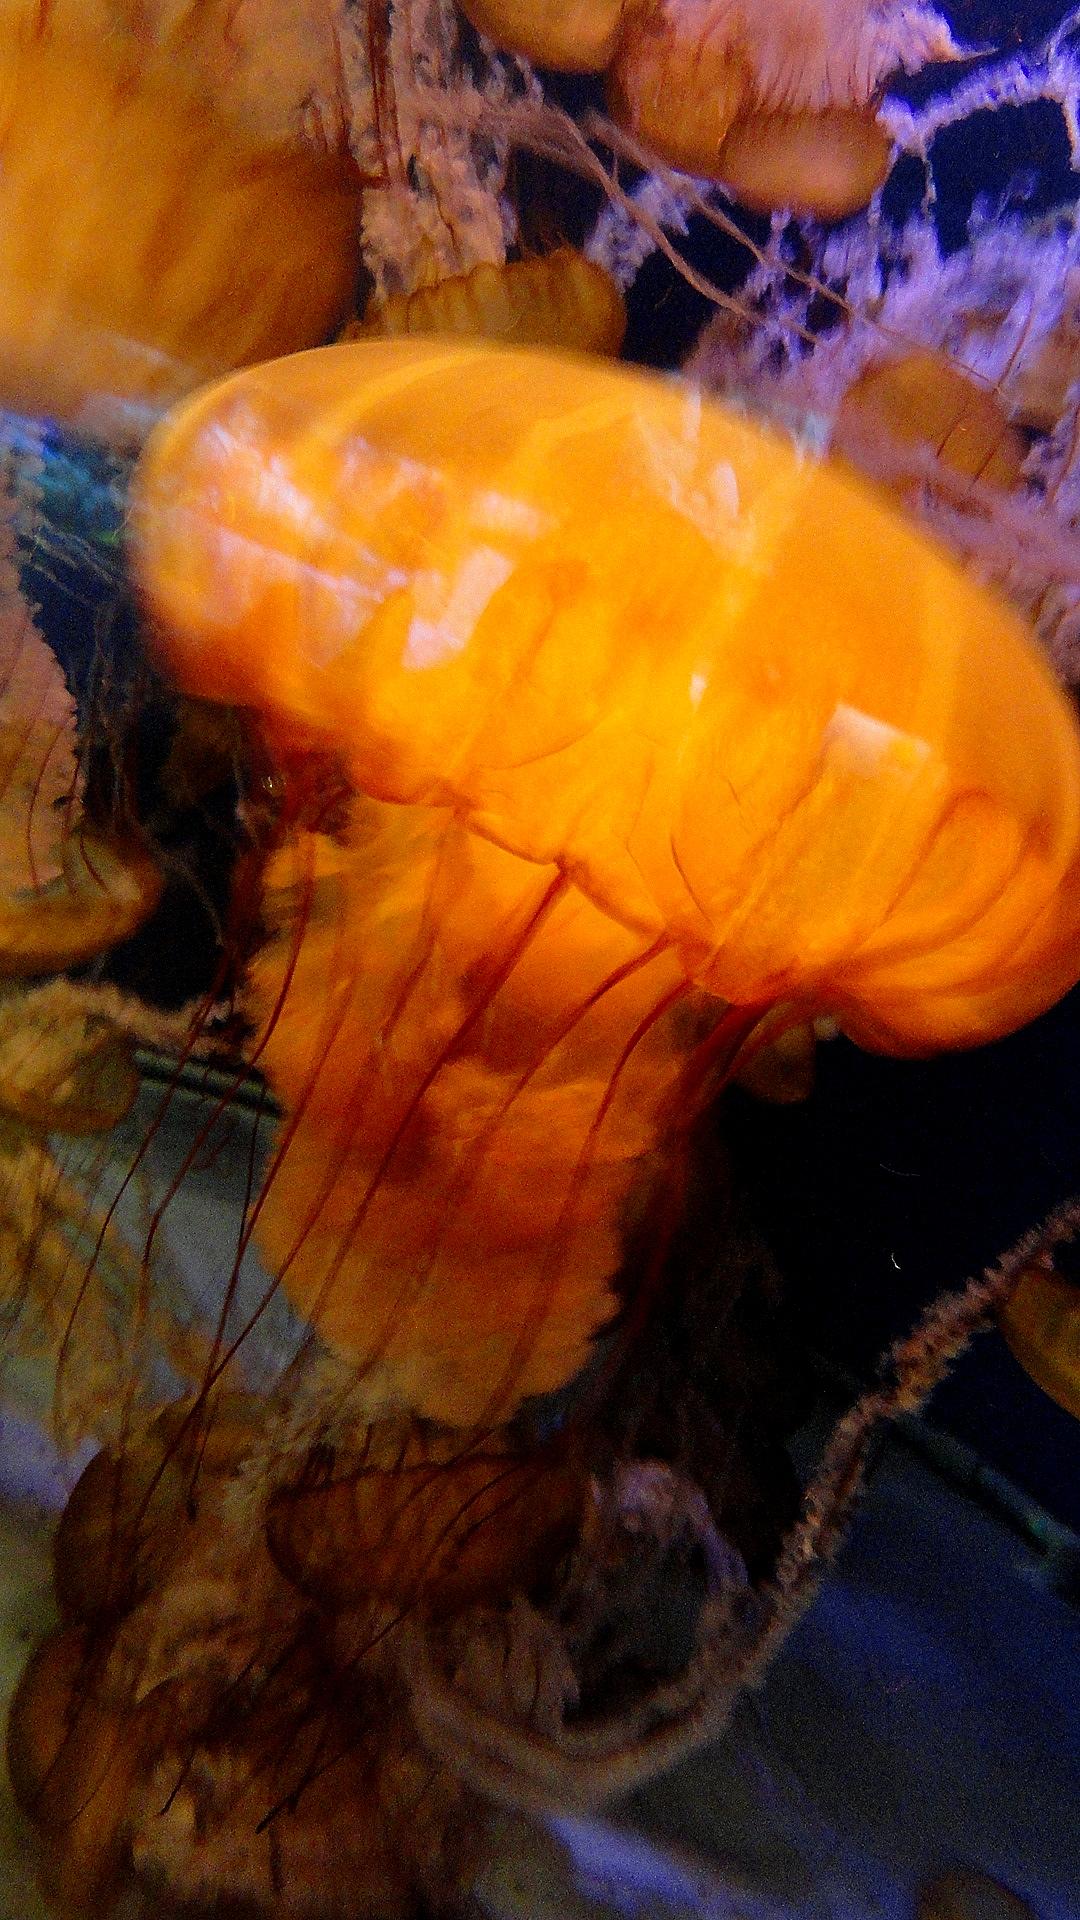 Jellyfish aka Marine Stinger - LB Aquarium